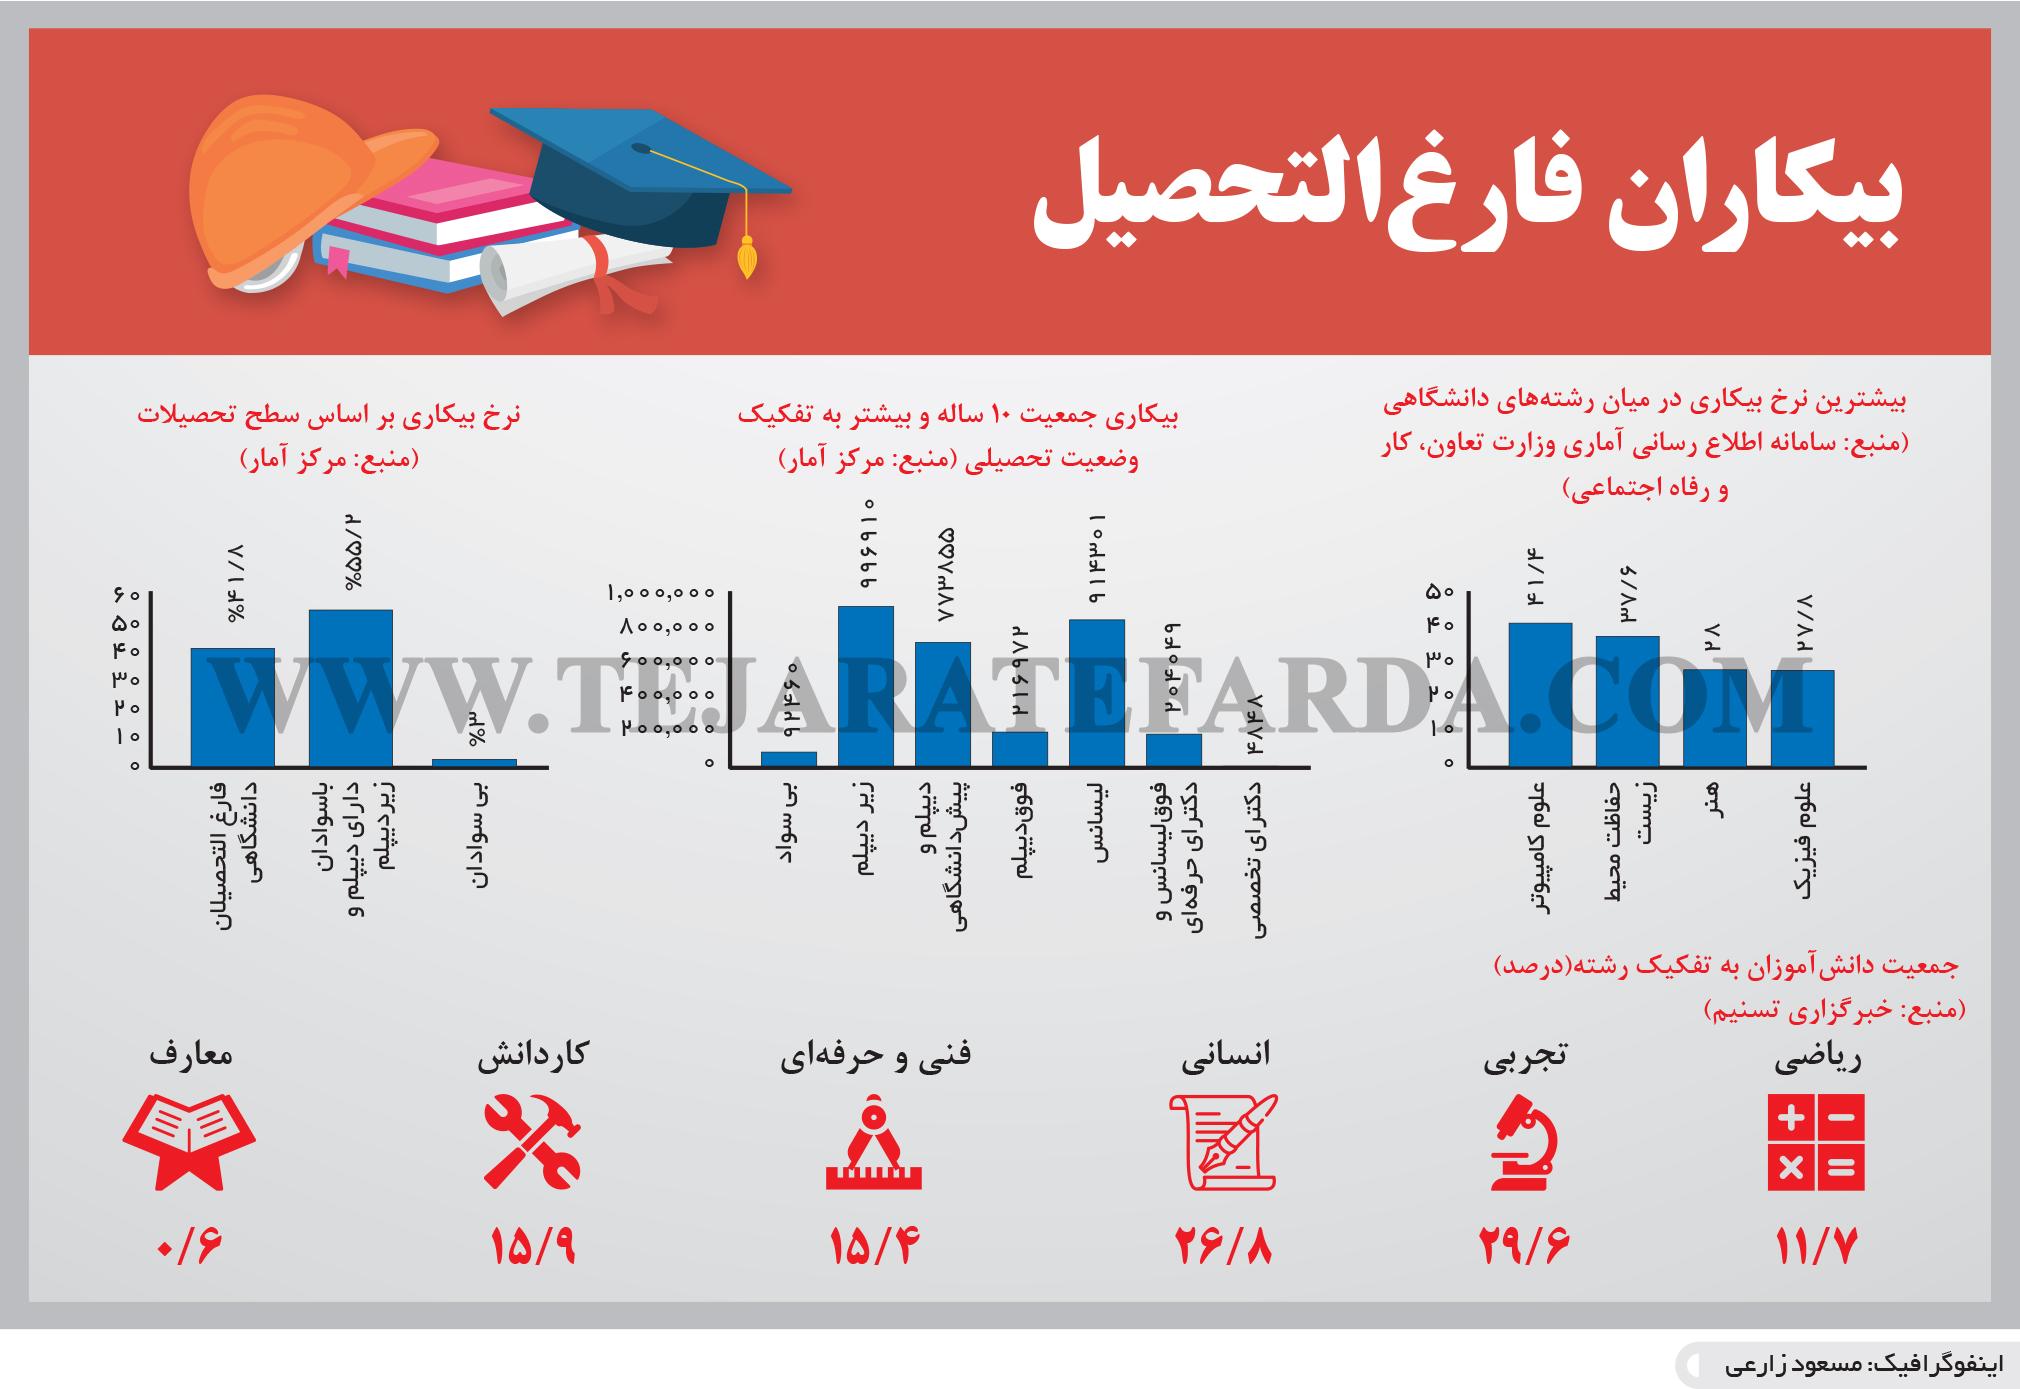 تجارت- فردا- بیکاران فارغالتحصیل(اینفوگرافیک)